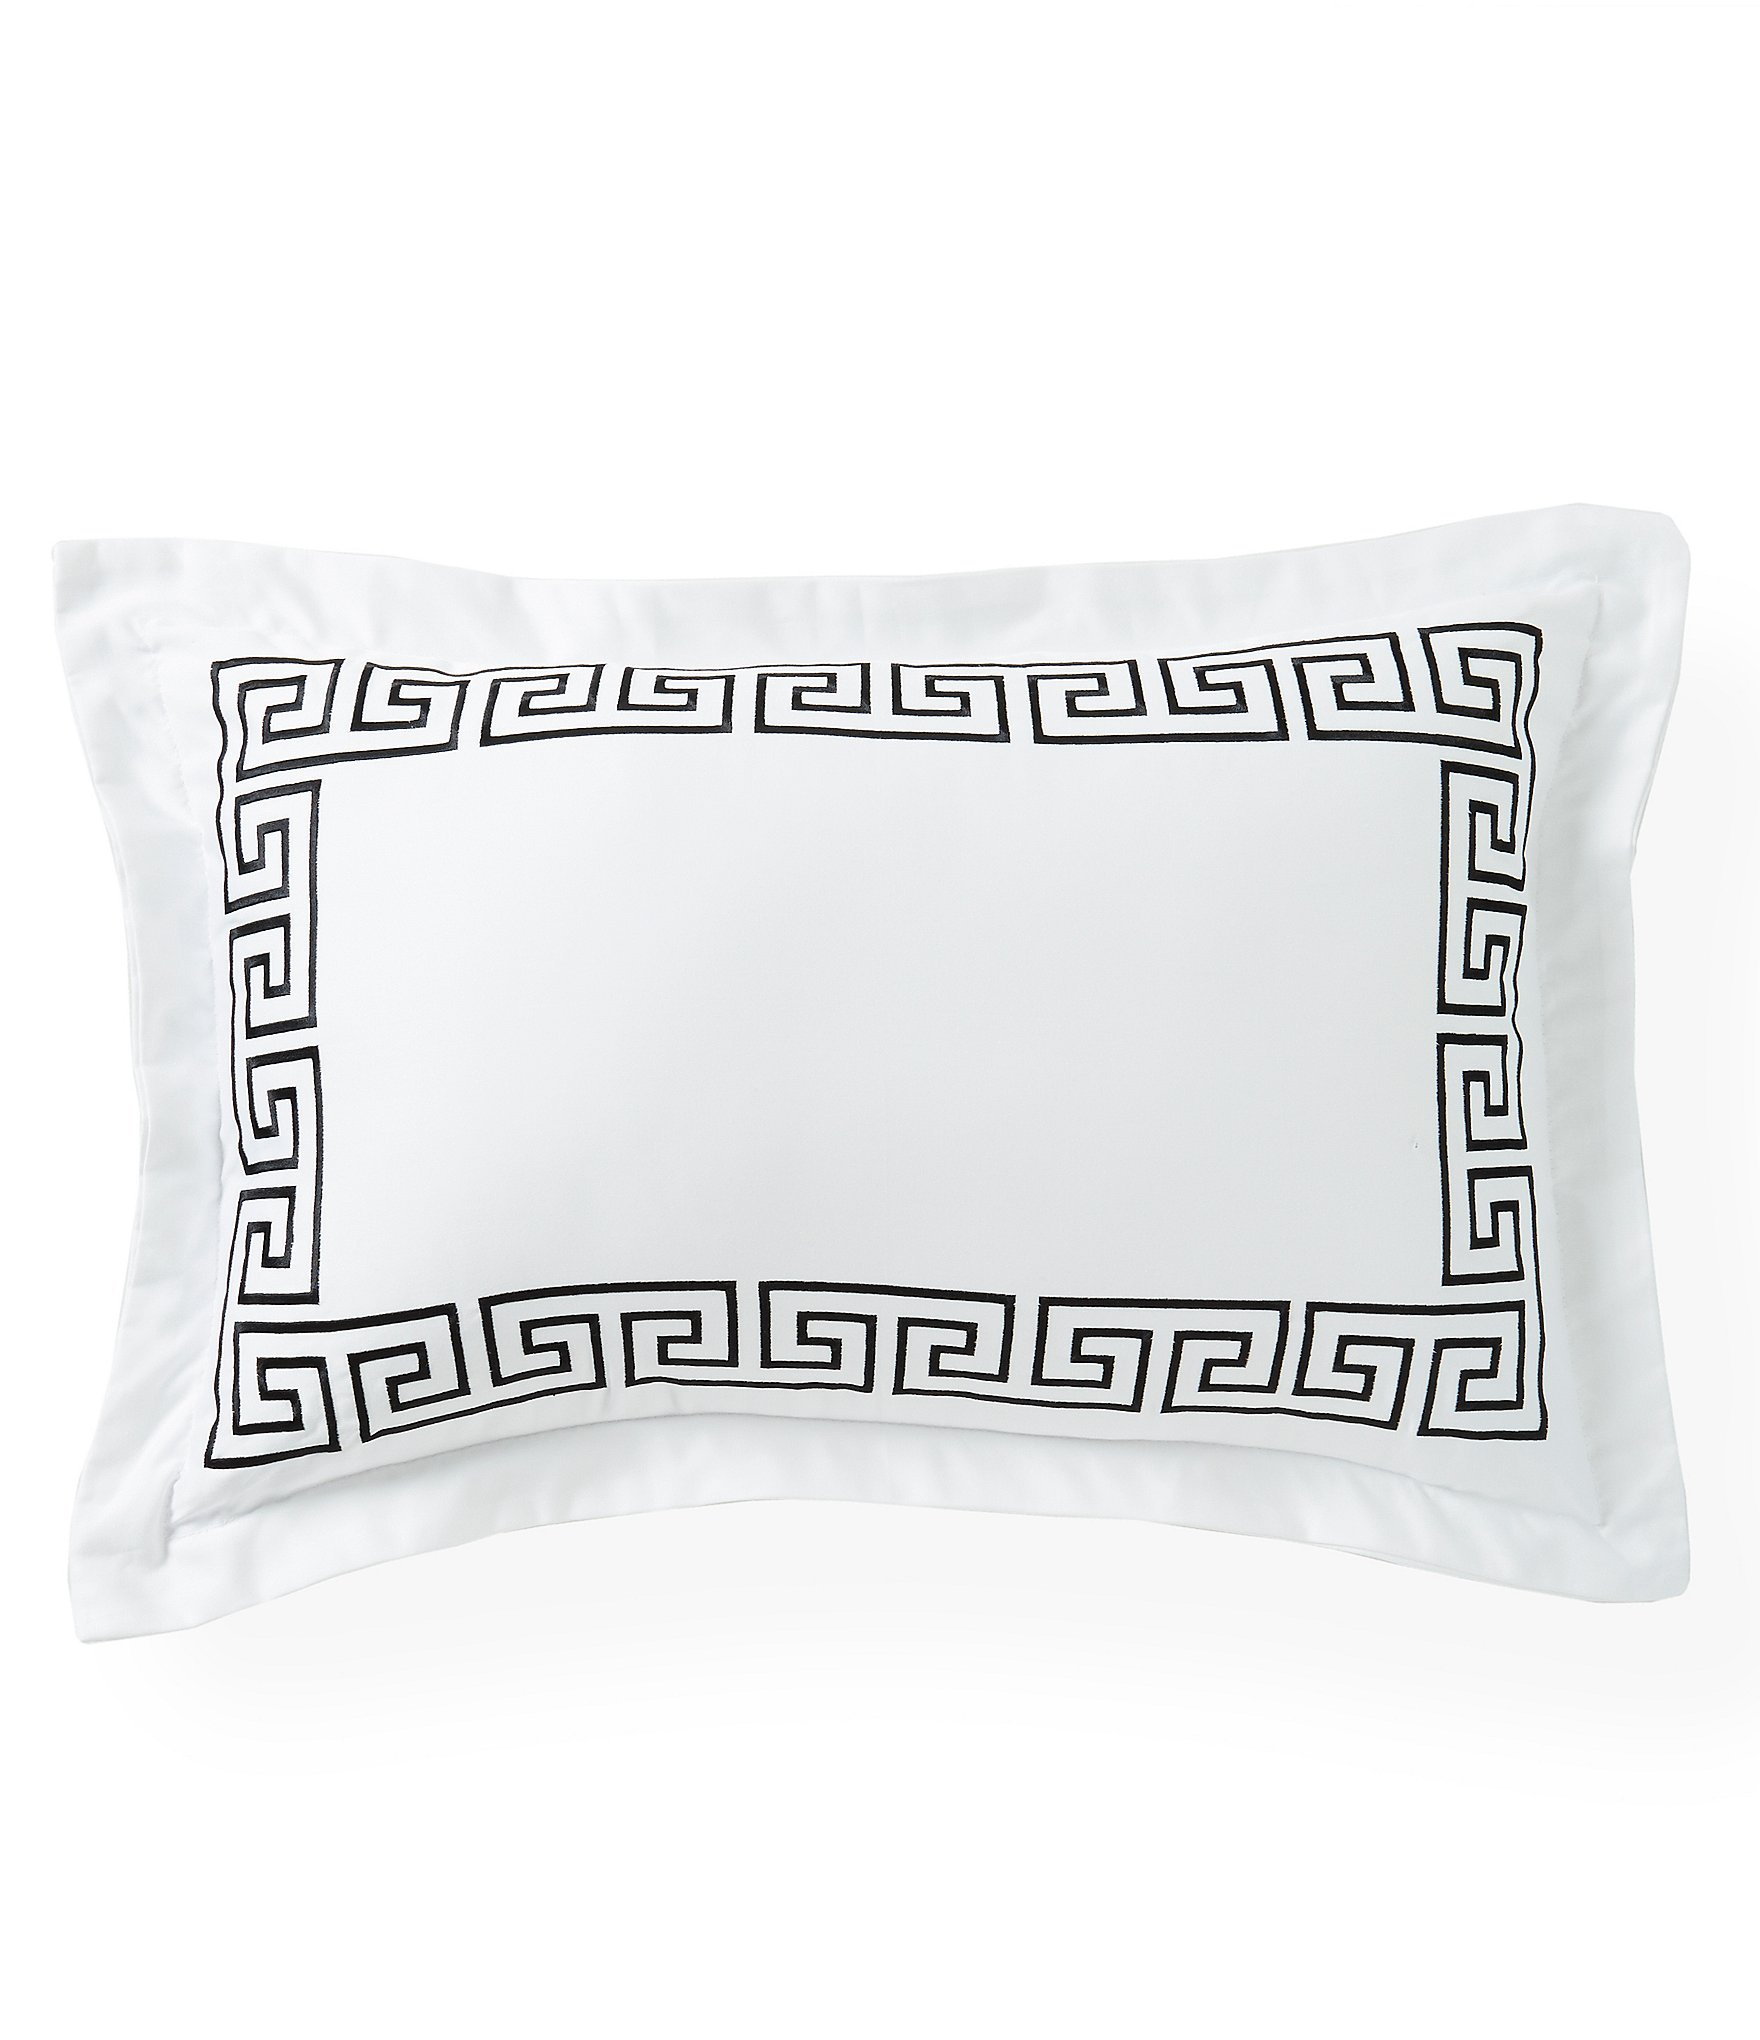 Southern Living Home   Home Decor   Decorative Pillows   Dillards.com